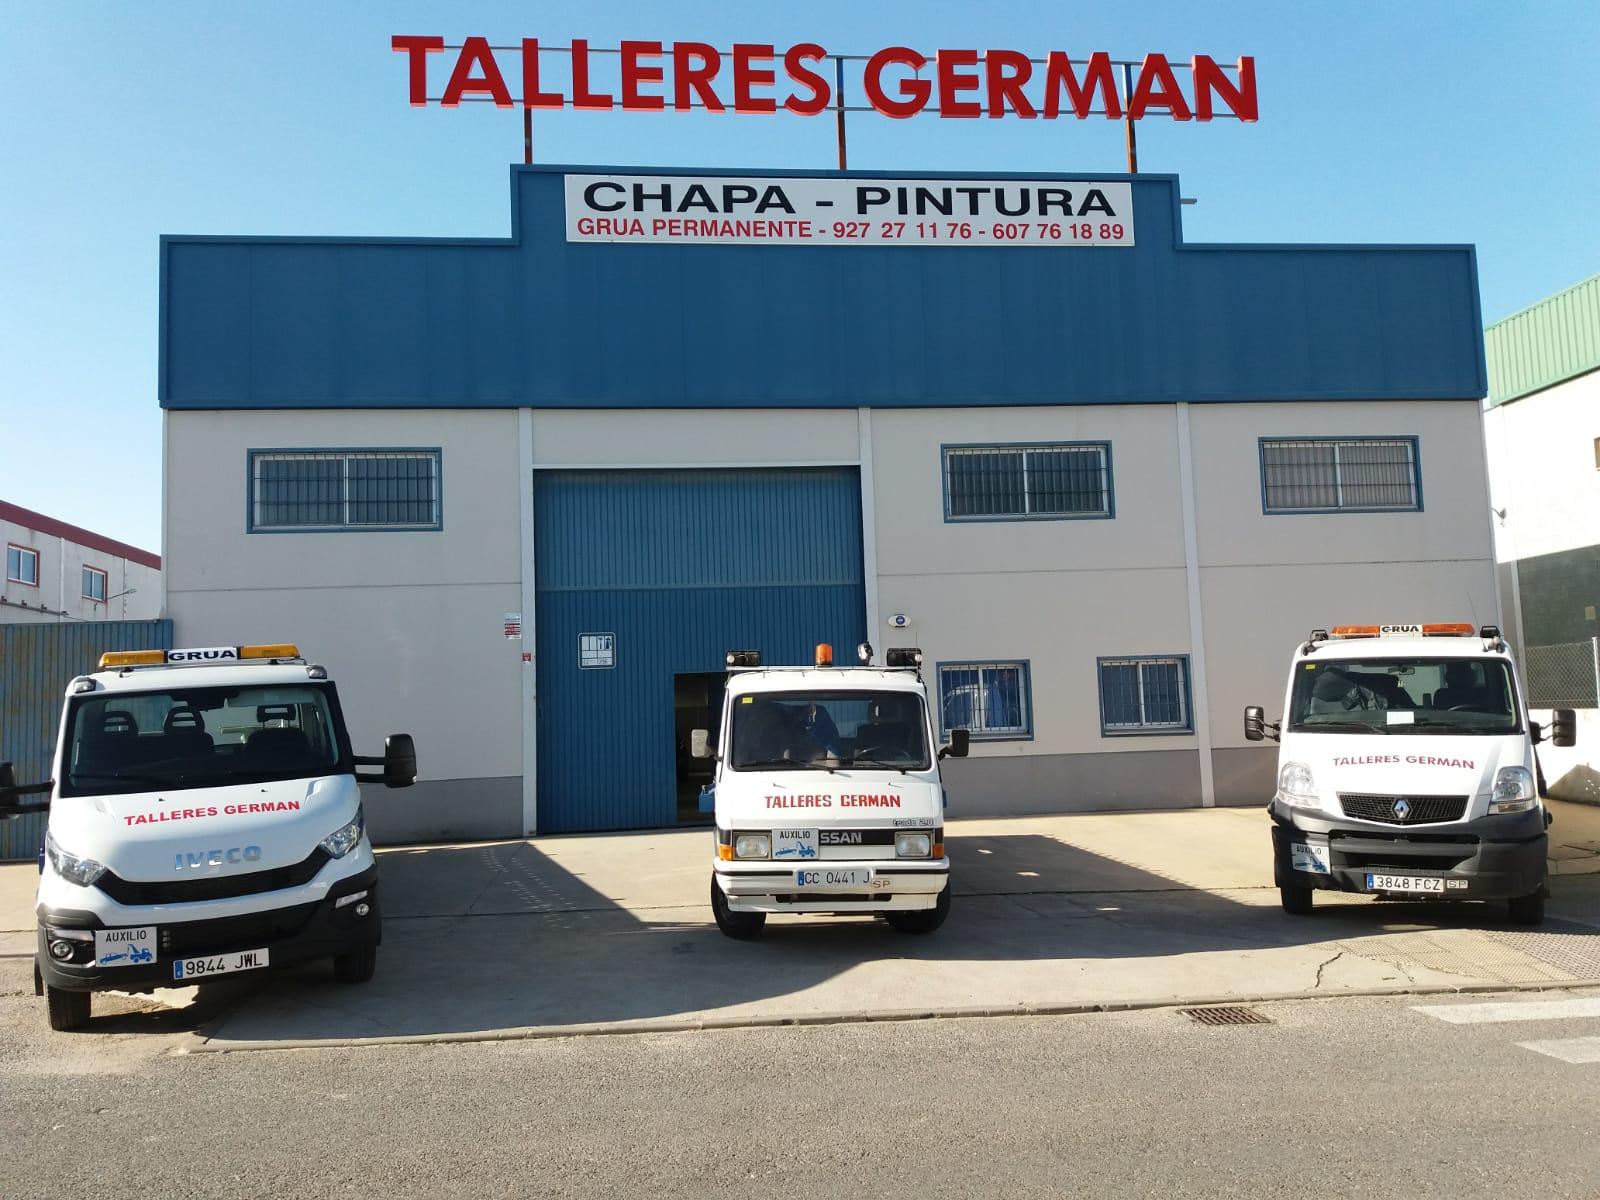 España Grúa 24h Cáceres Chapa y Pintura Arroyo de la Luz German